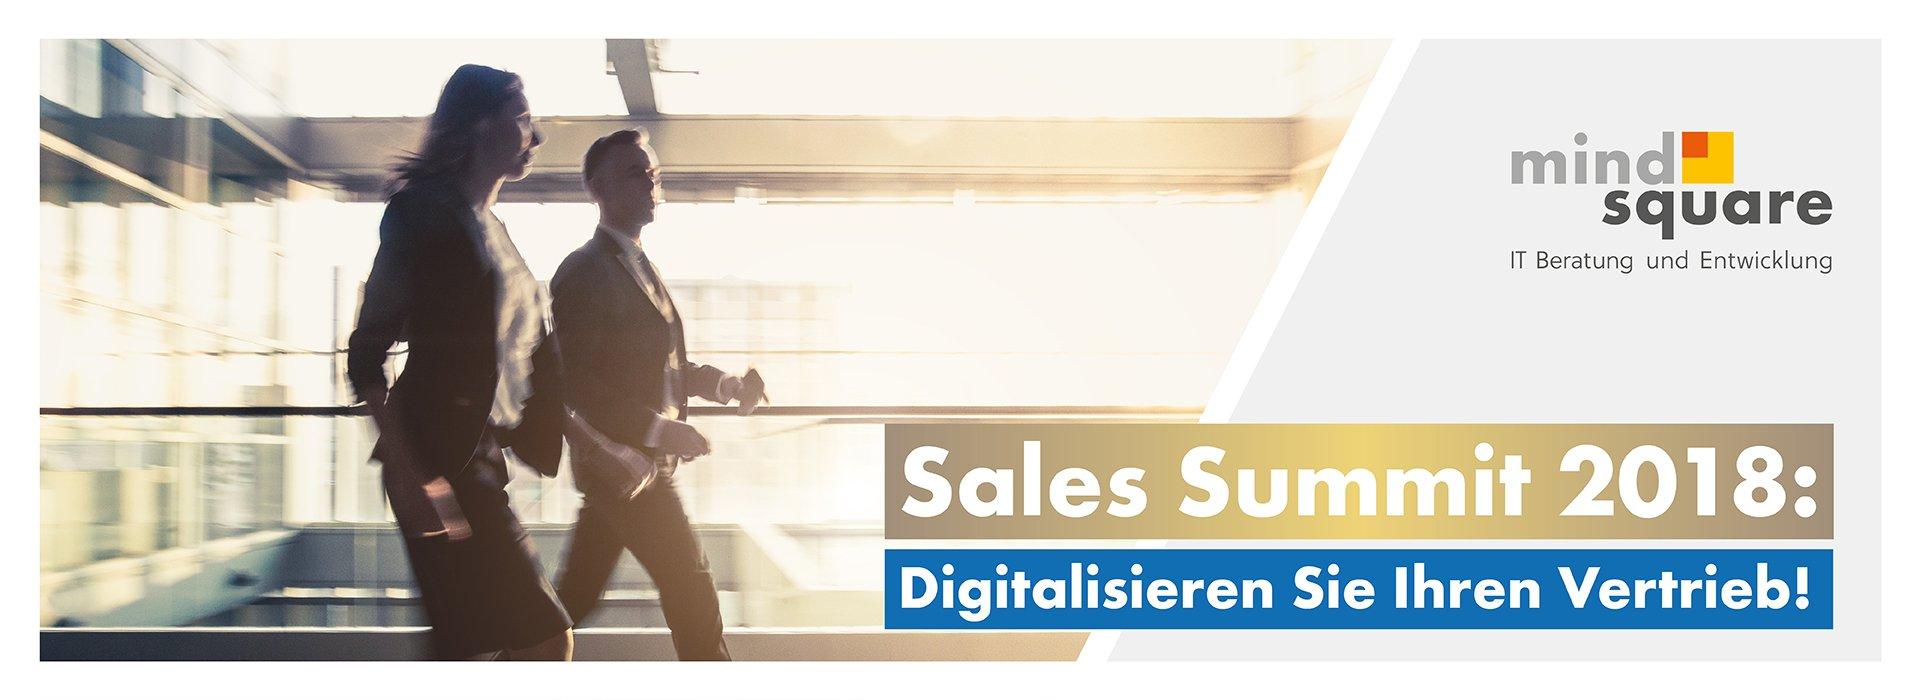 Sales Summit 2018 zum Thema Digitalisierung des Vertriebs